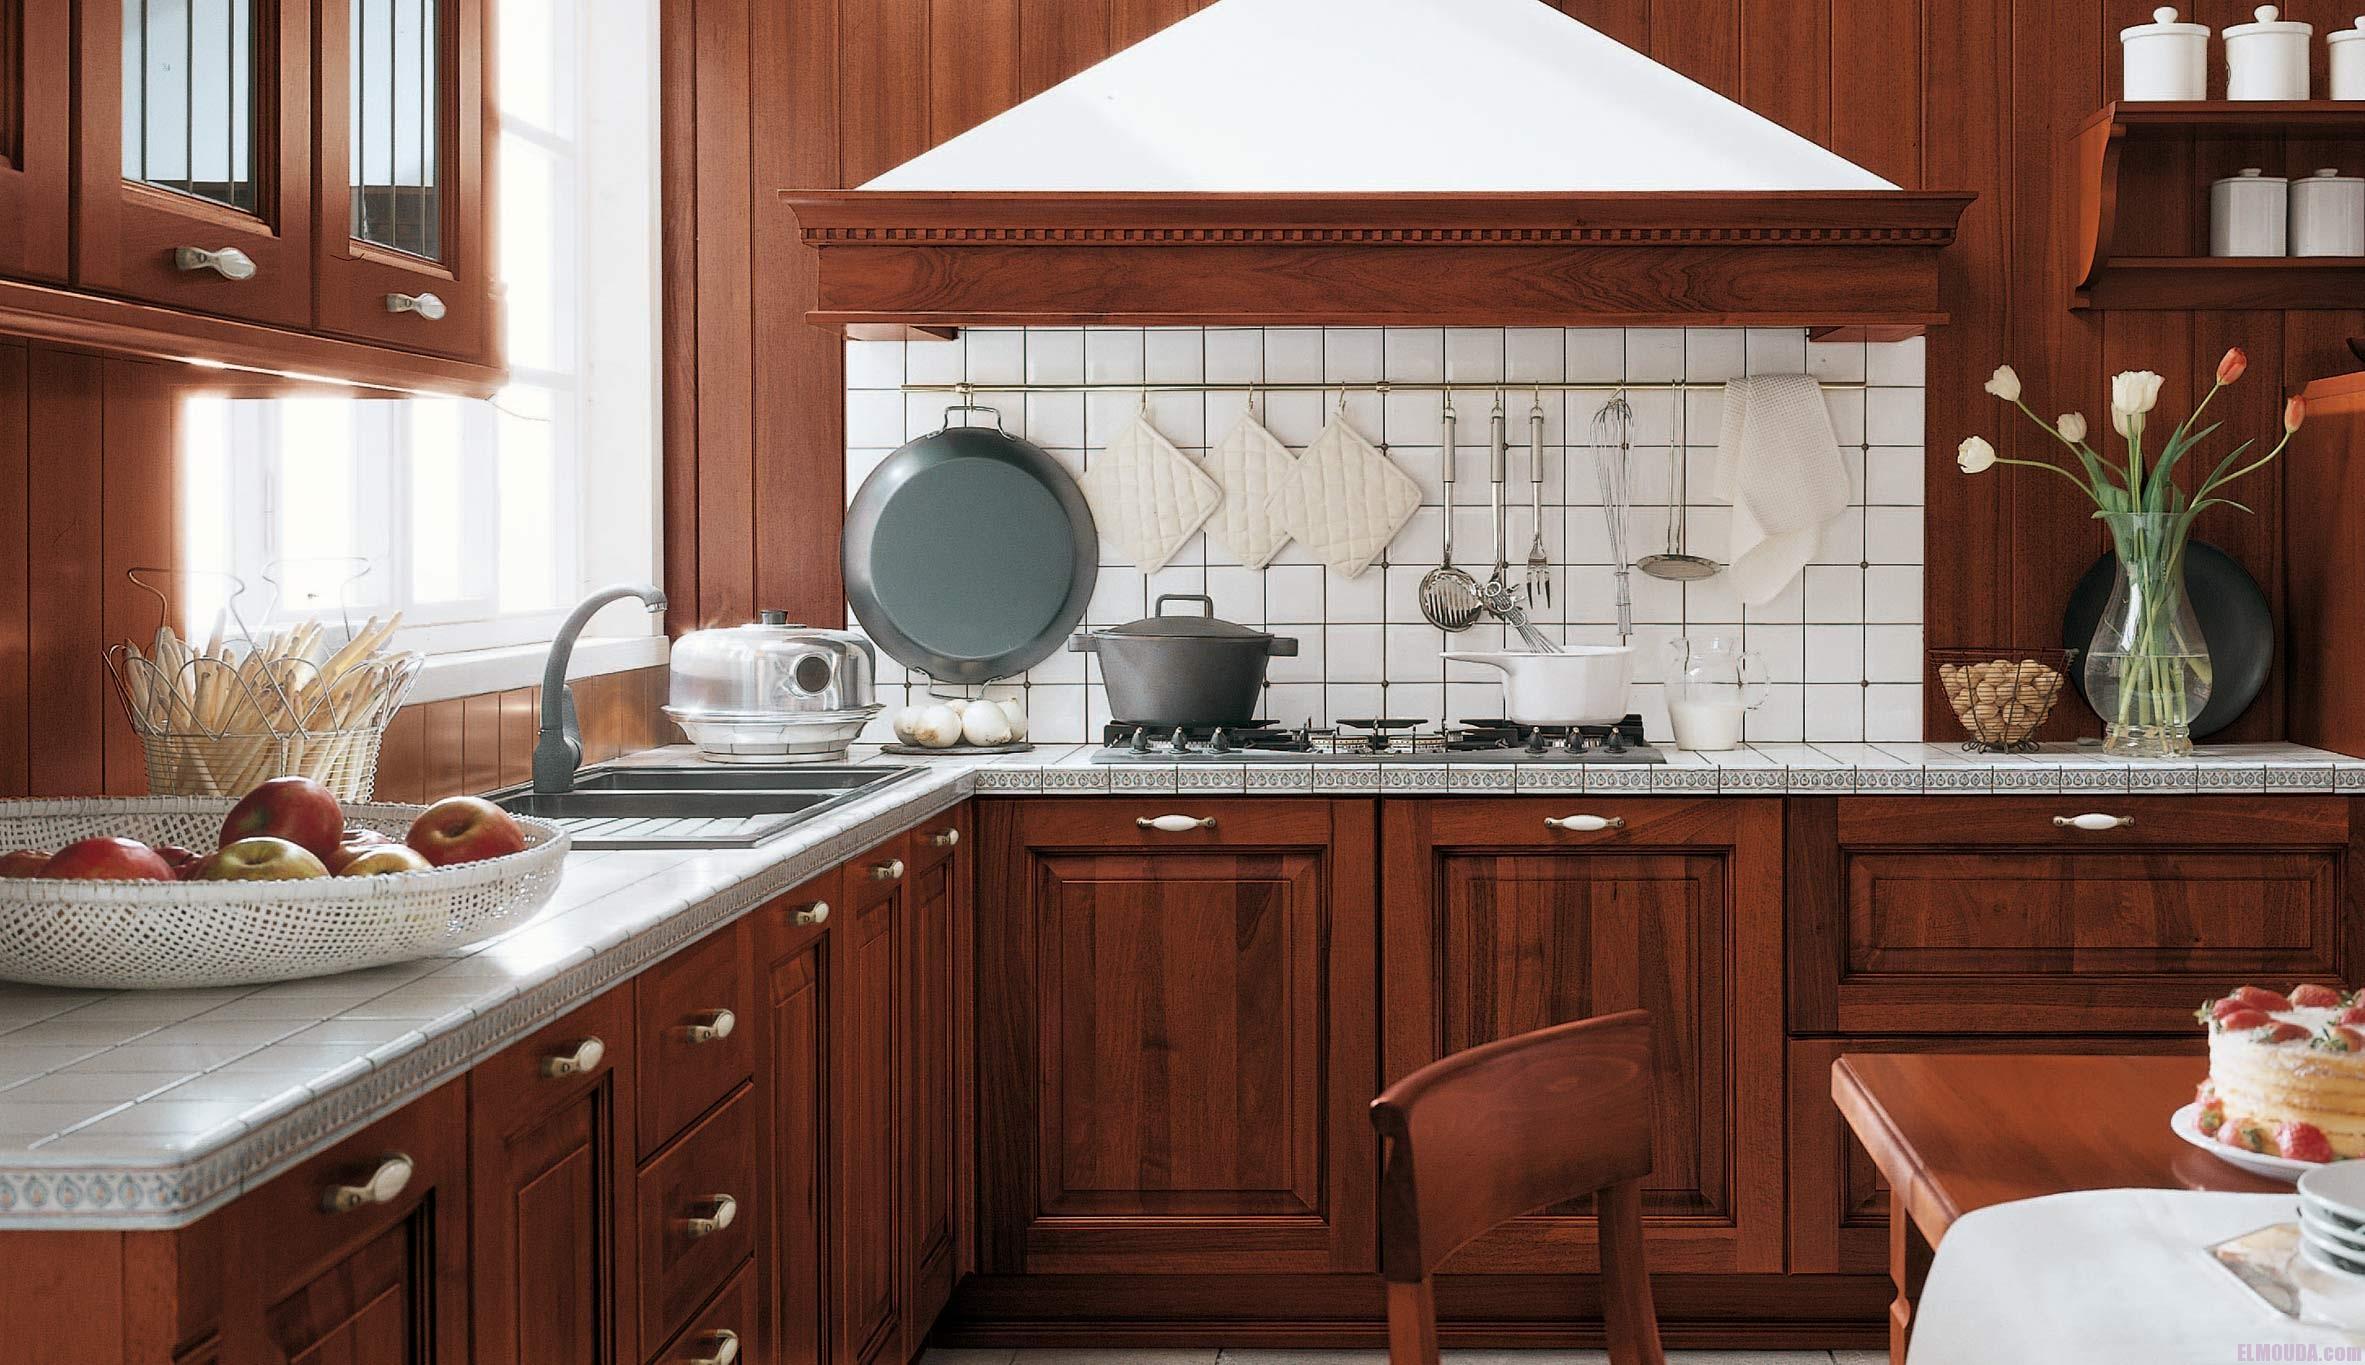 بالصور ديكور المطبخ , احدث تصميمات ديكورات المطابخ 3902 12